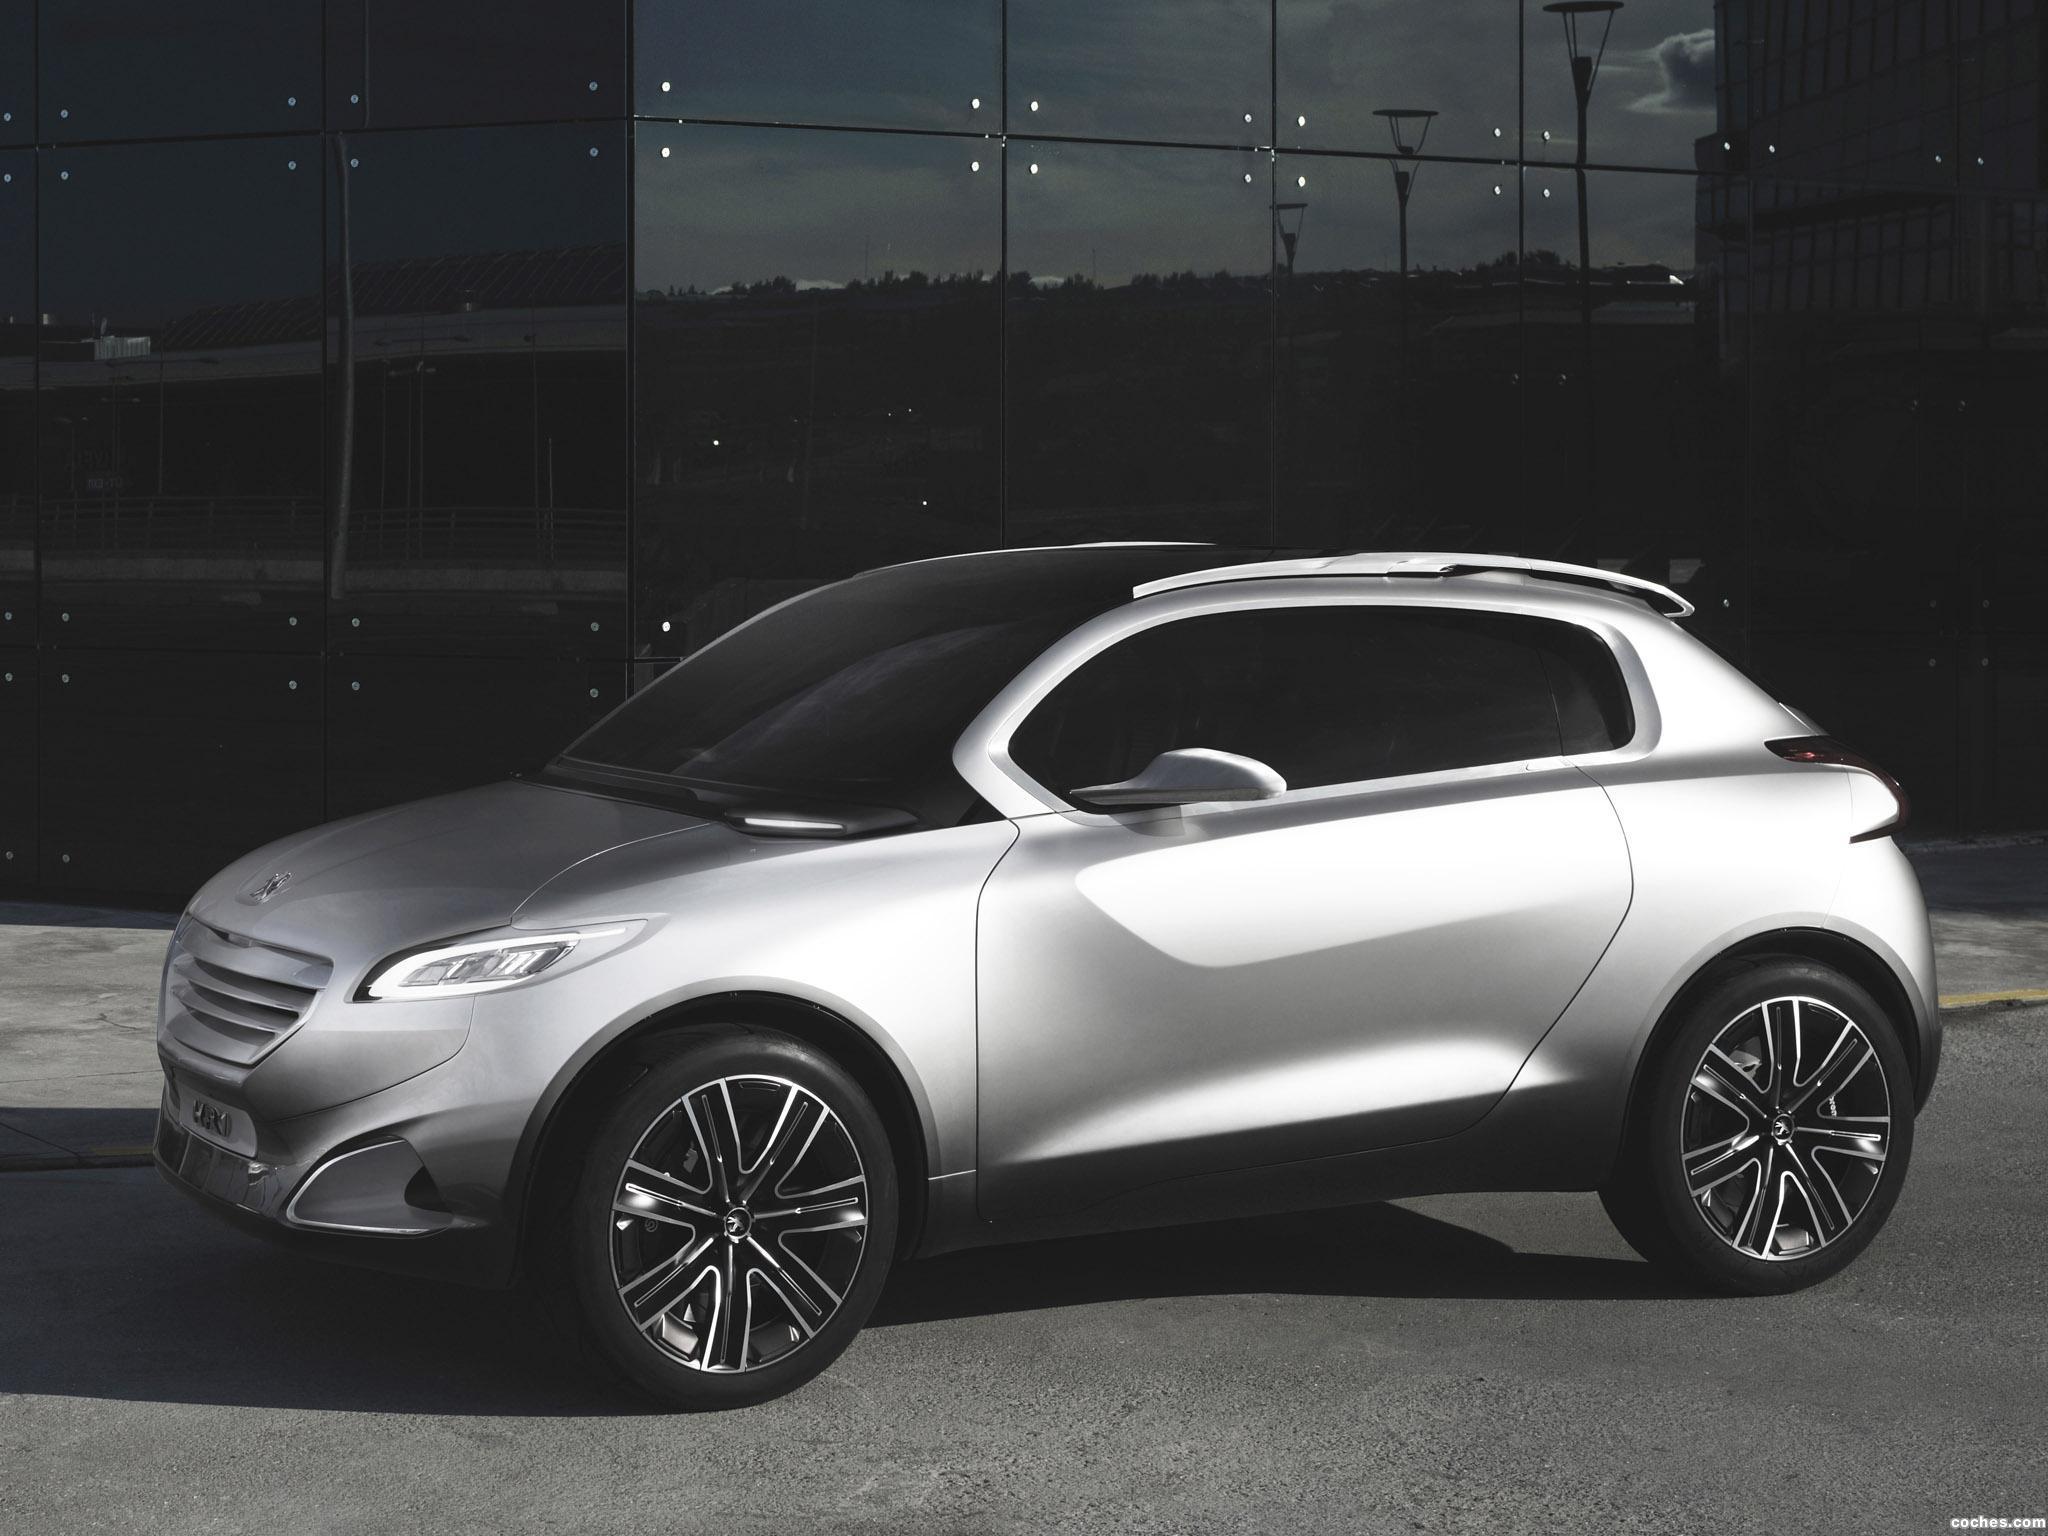 Foto 11 de Peugeot HR1 Concept 2010